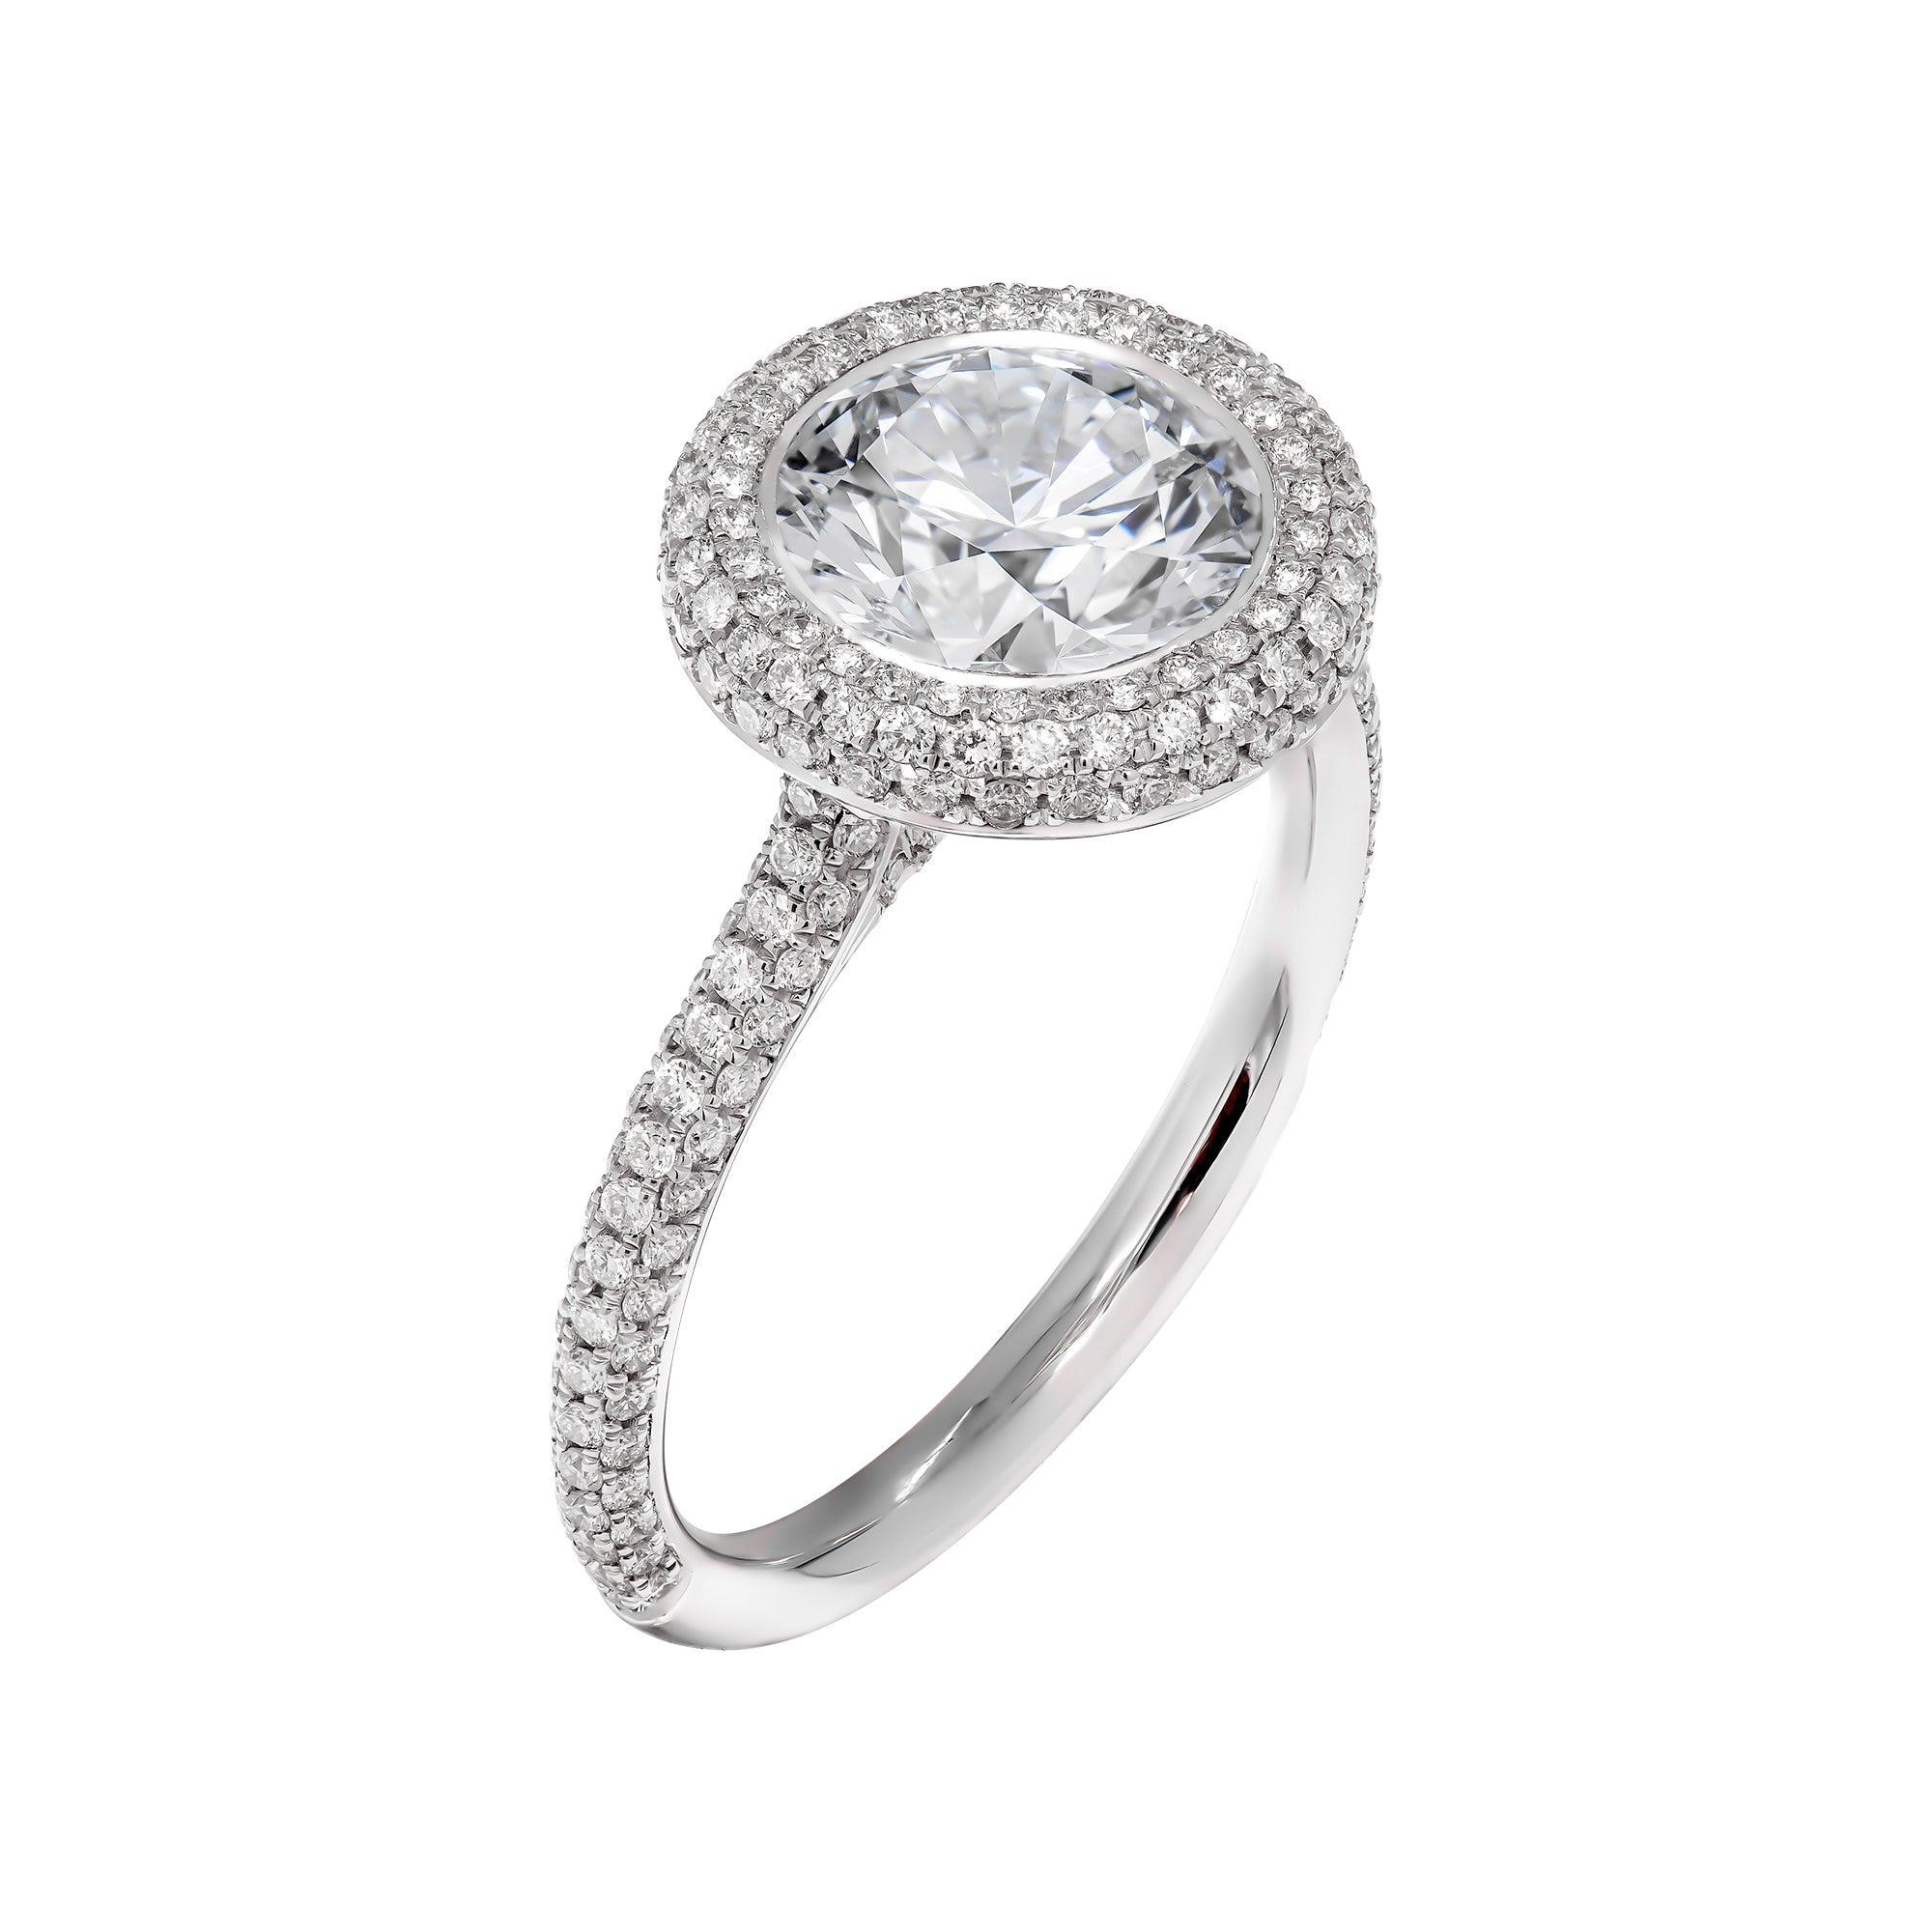 GIA Certified 2.05 Carat Round Diamond Engagement Ring